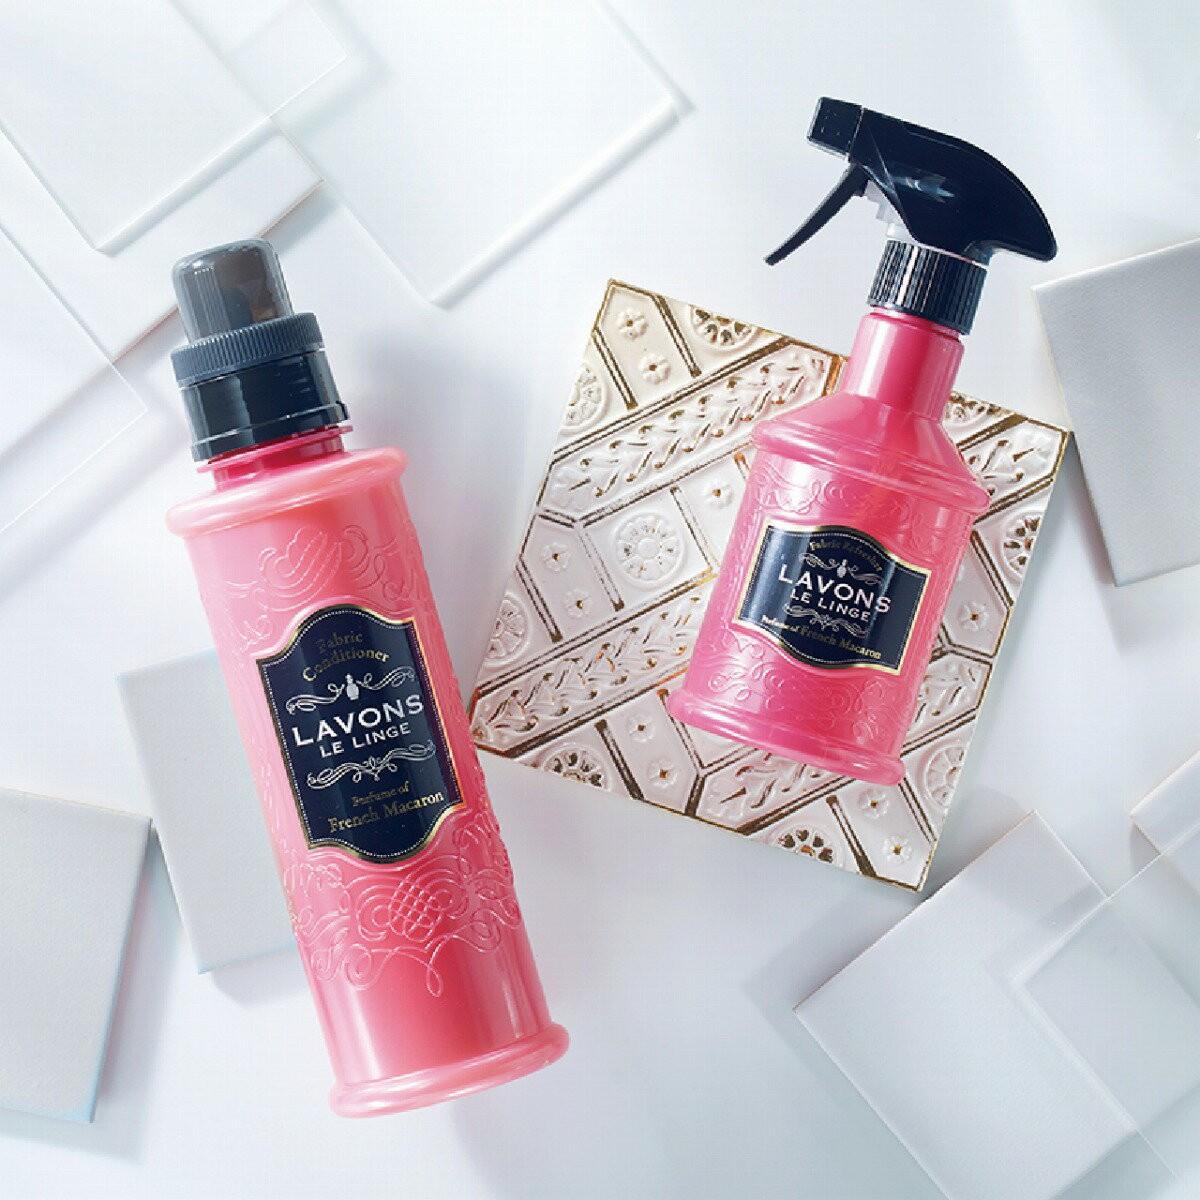 ネイチャーラボYahoo公式:ラボン 柔軟剤 フレンチマカロンの香り 詰め替え 480ml・イメージ写真5